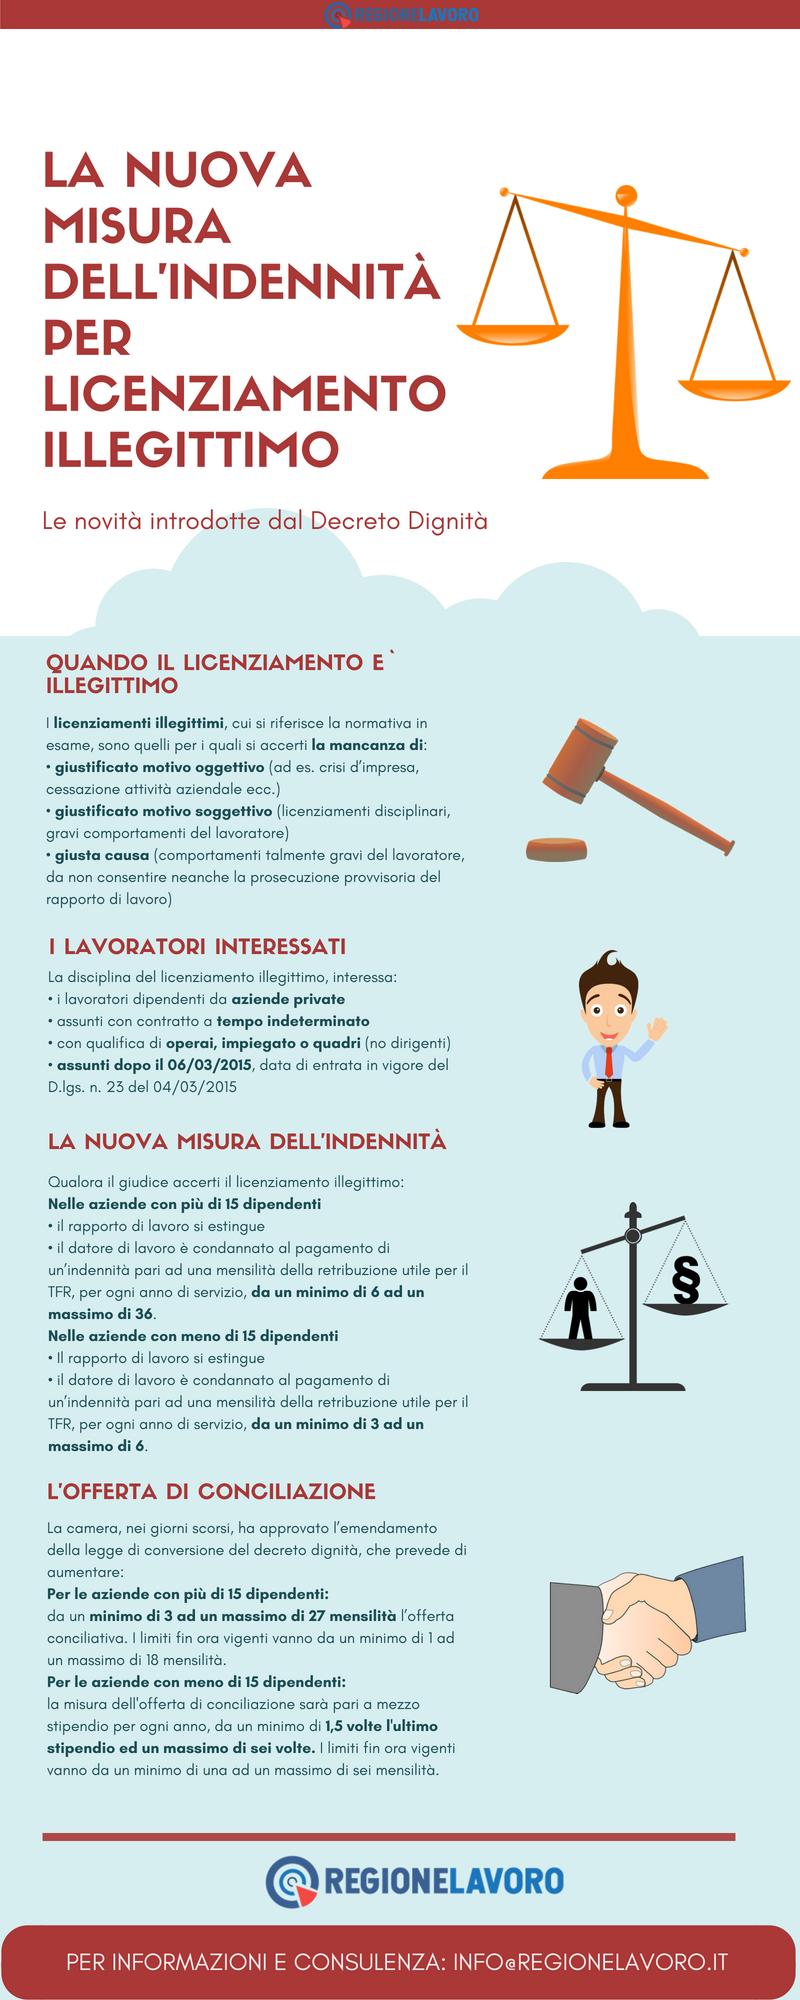 Il Licenziamento Illegittimo Dopo Il Decreto Dignita Spiegato In